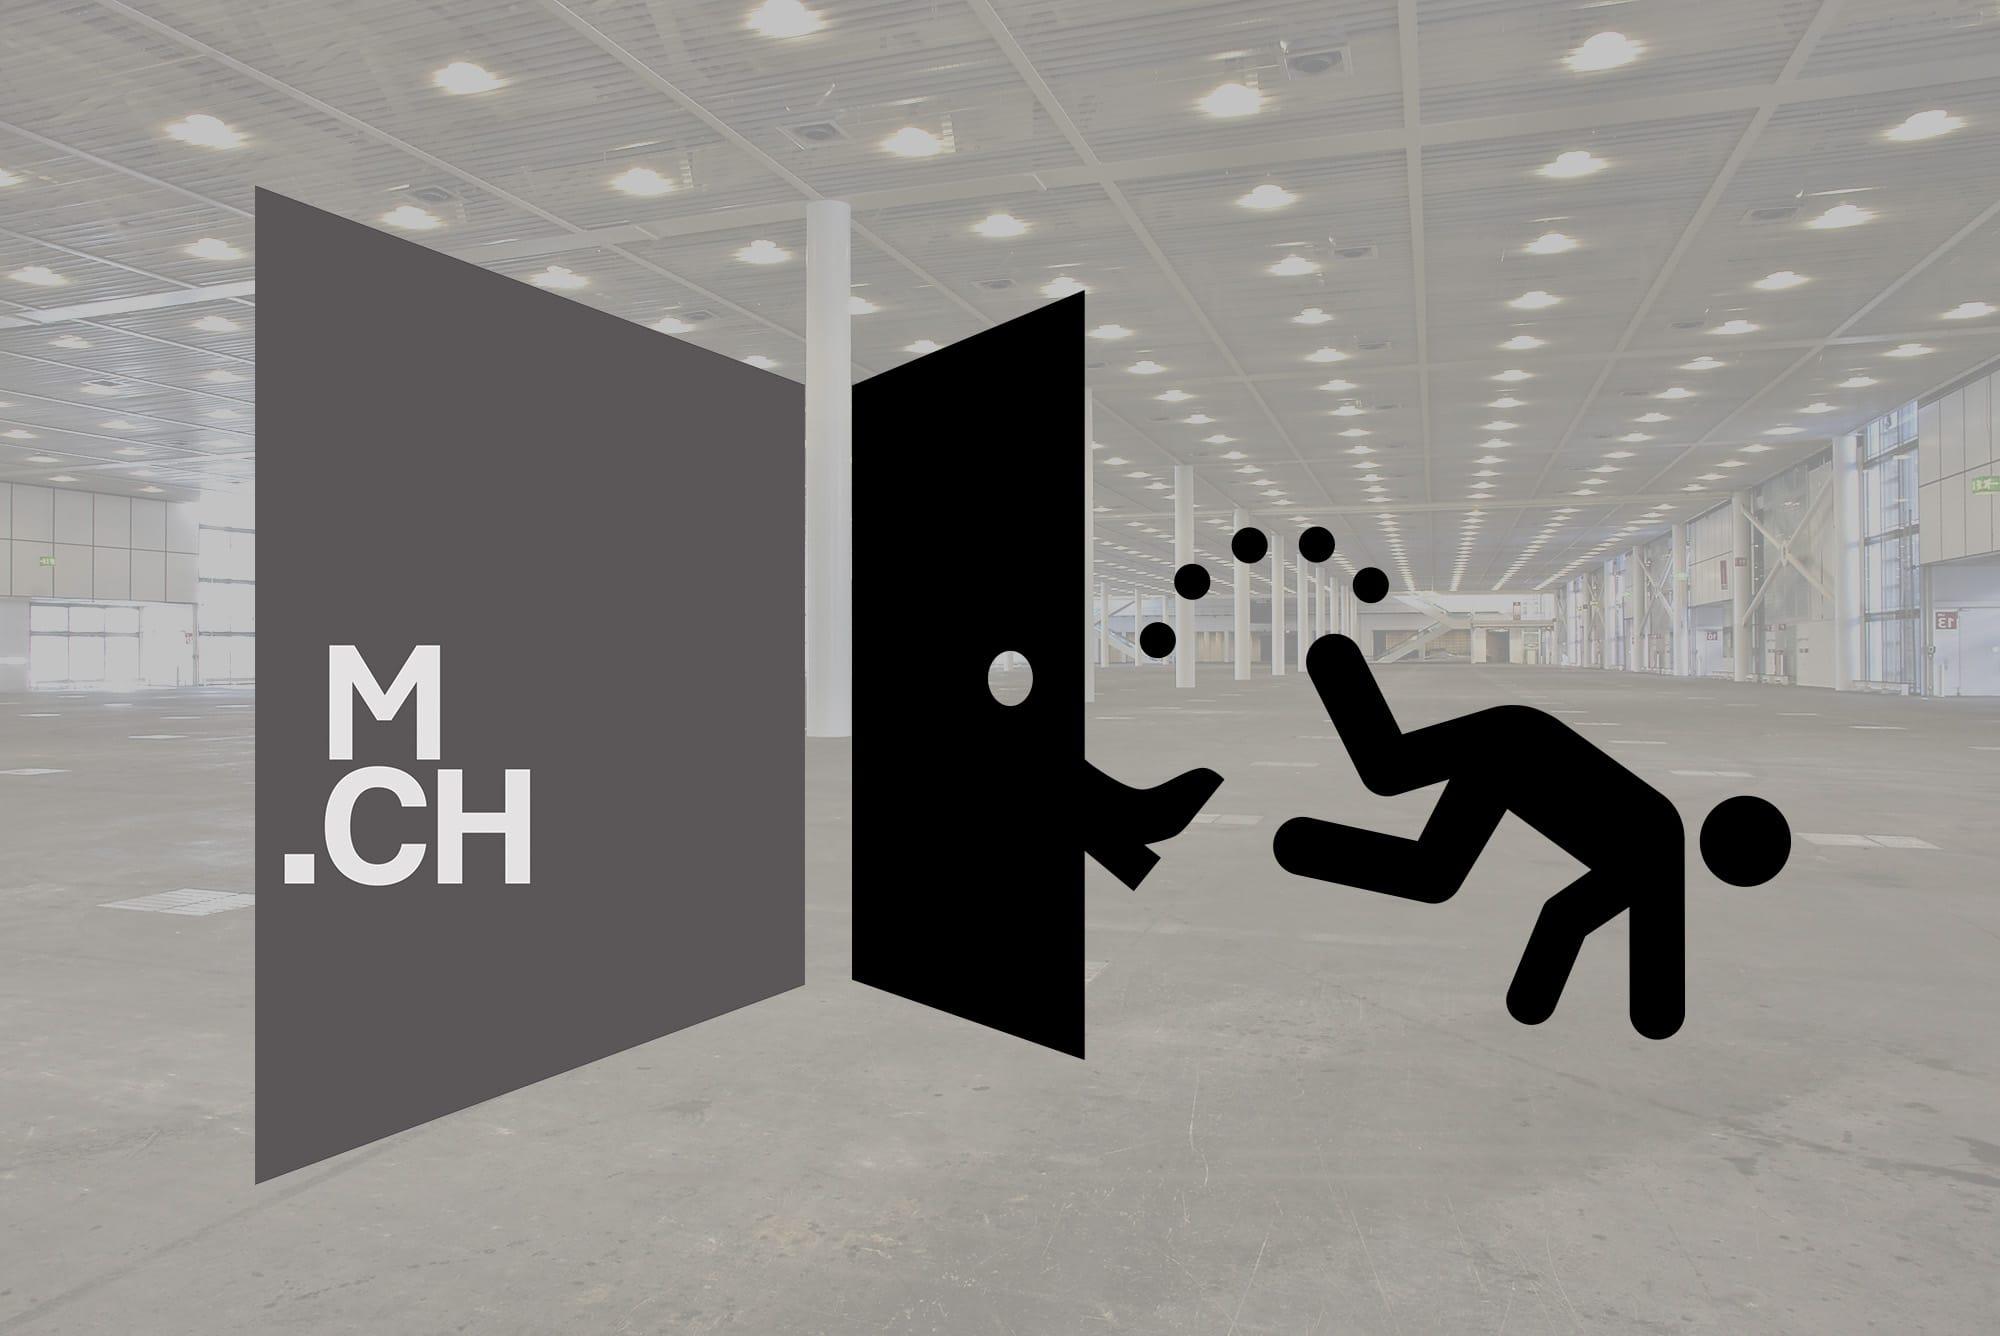 Effizienzsteigerungen: Bei der MCH Group heisst das, dass Personal muss gehen.